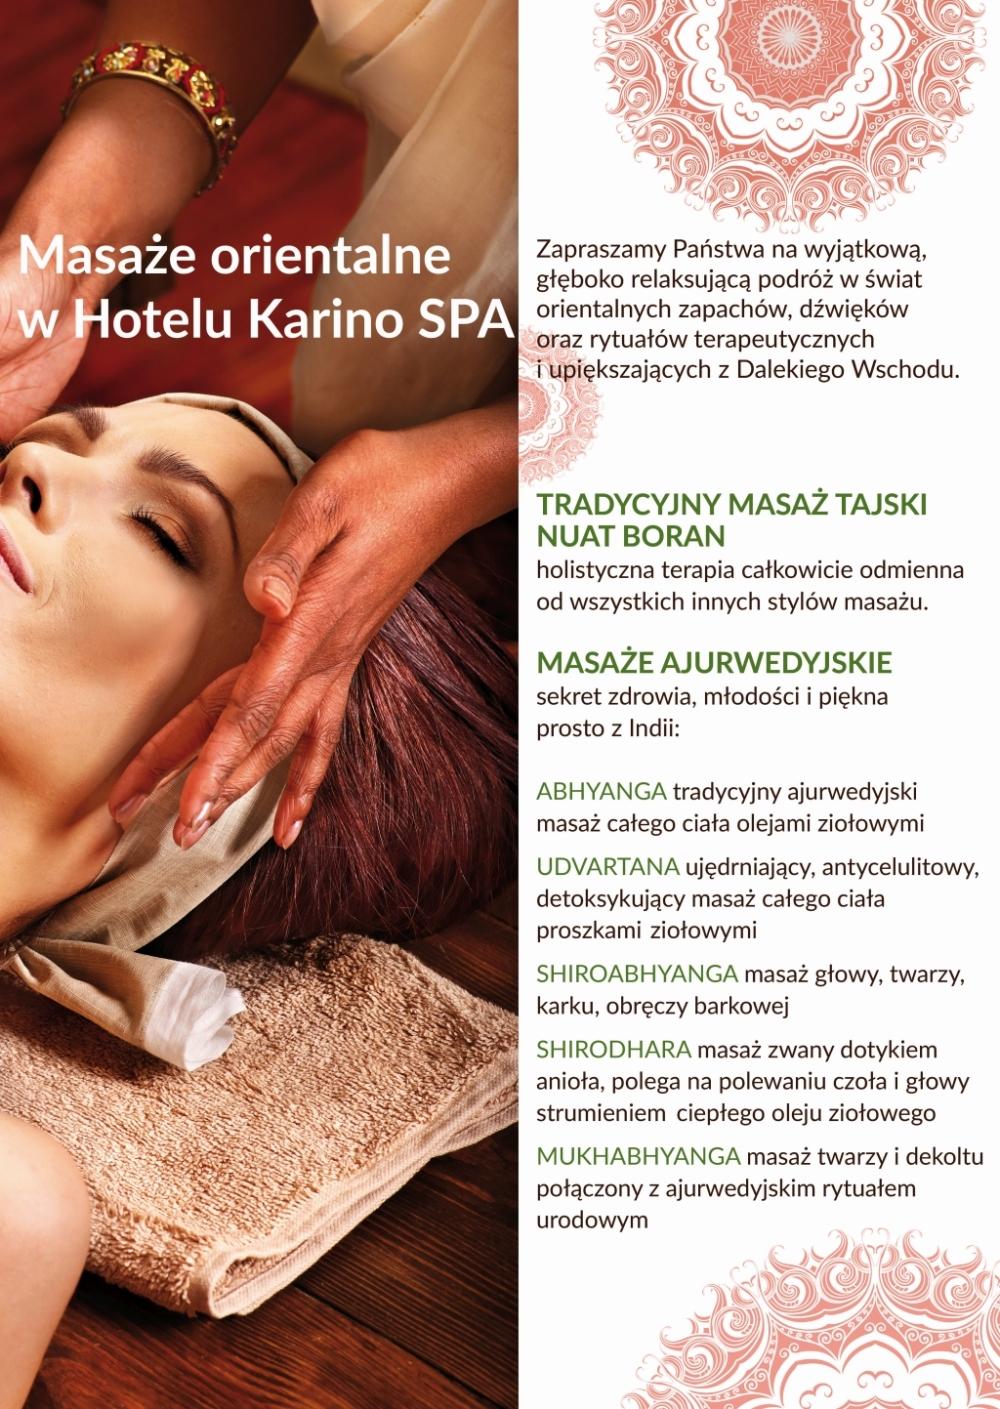 Masaże ajurwedyjskie i masaż tajski hotel Karino SPA